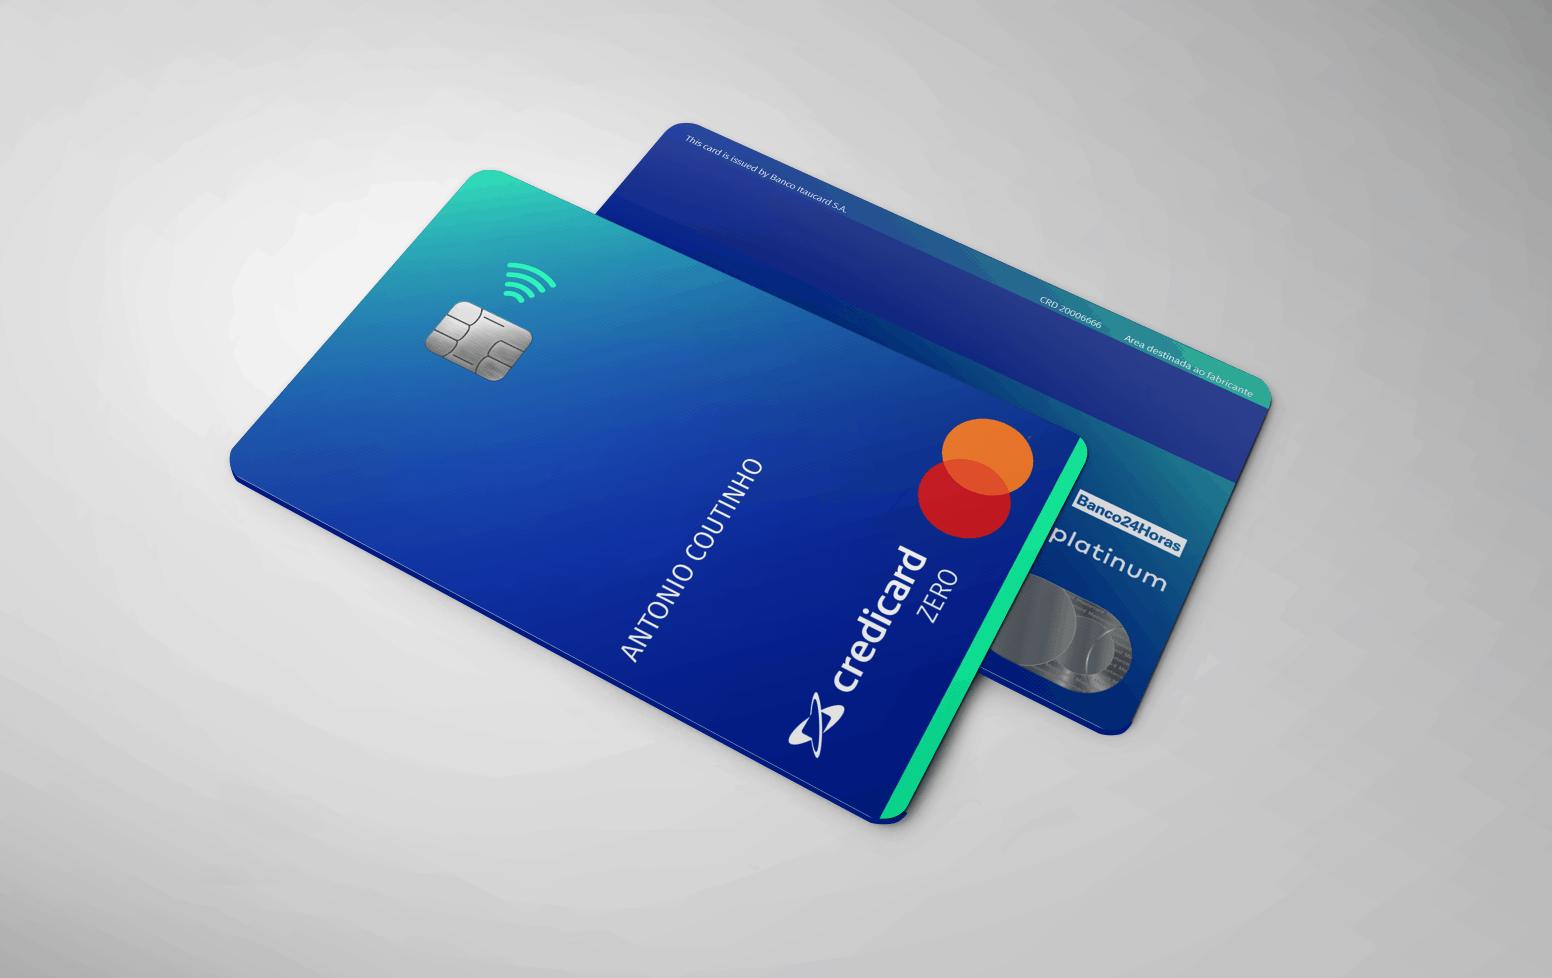 Santander e Itaú lançam hoje (18) cartão com tecnologia contactless